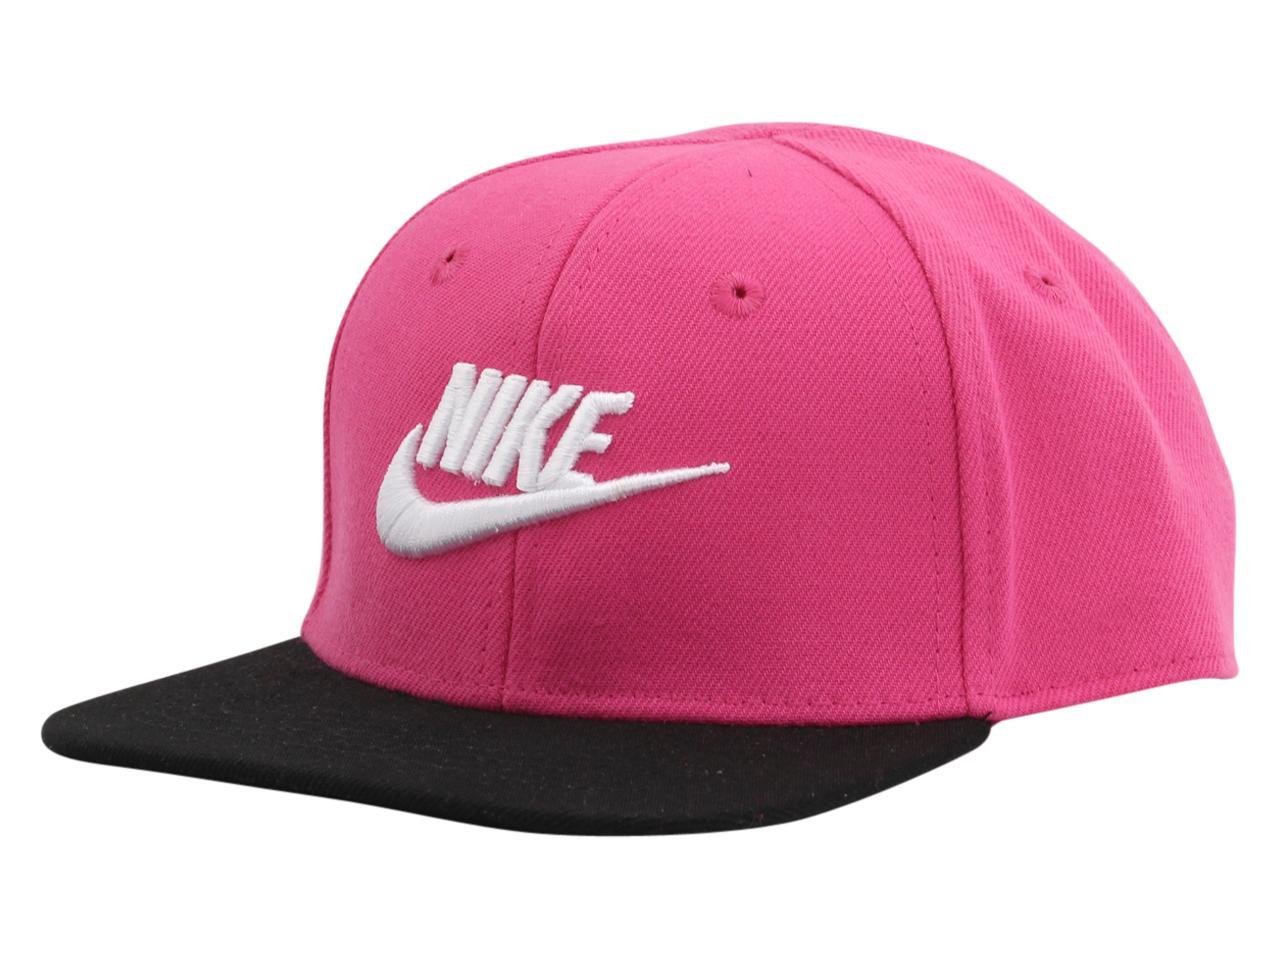 info for 53d7e e0b98 Nike Infant Toddler Girl s Snapback Baseball Cap Hat